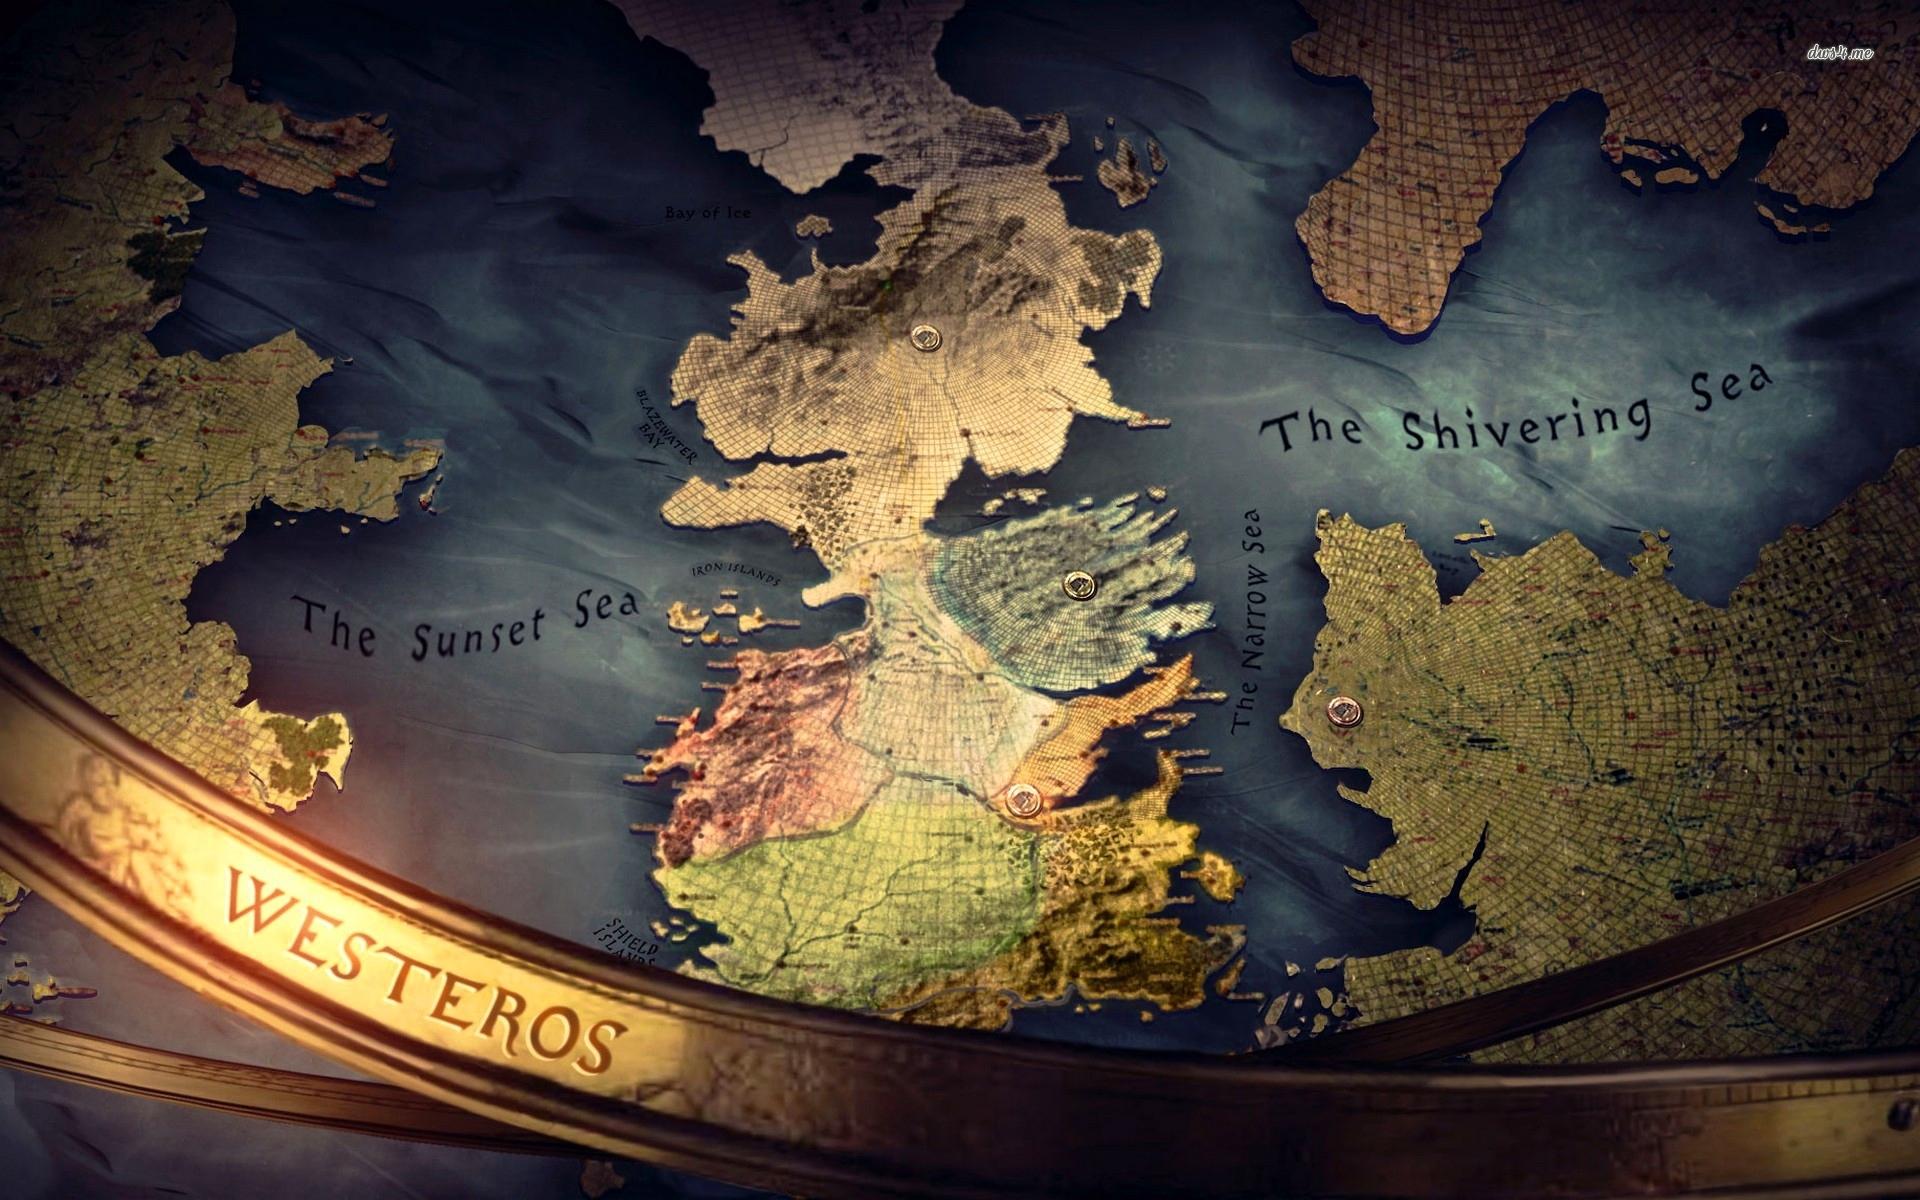 Game of Thrones wallpaper HD free download | PixelsTalk Net